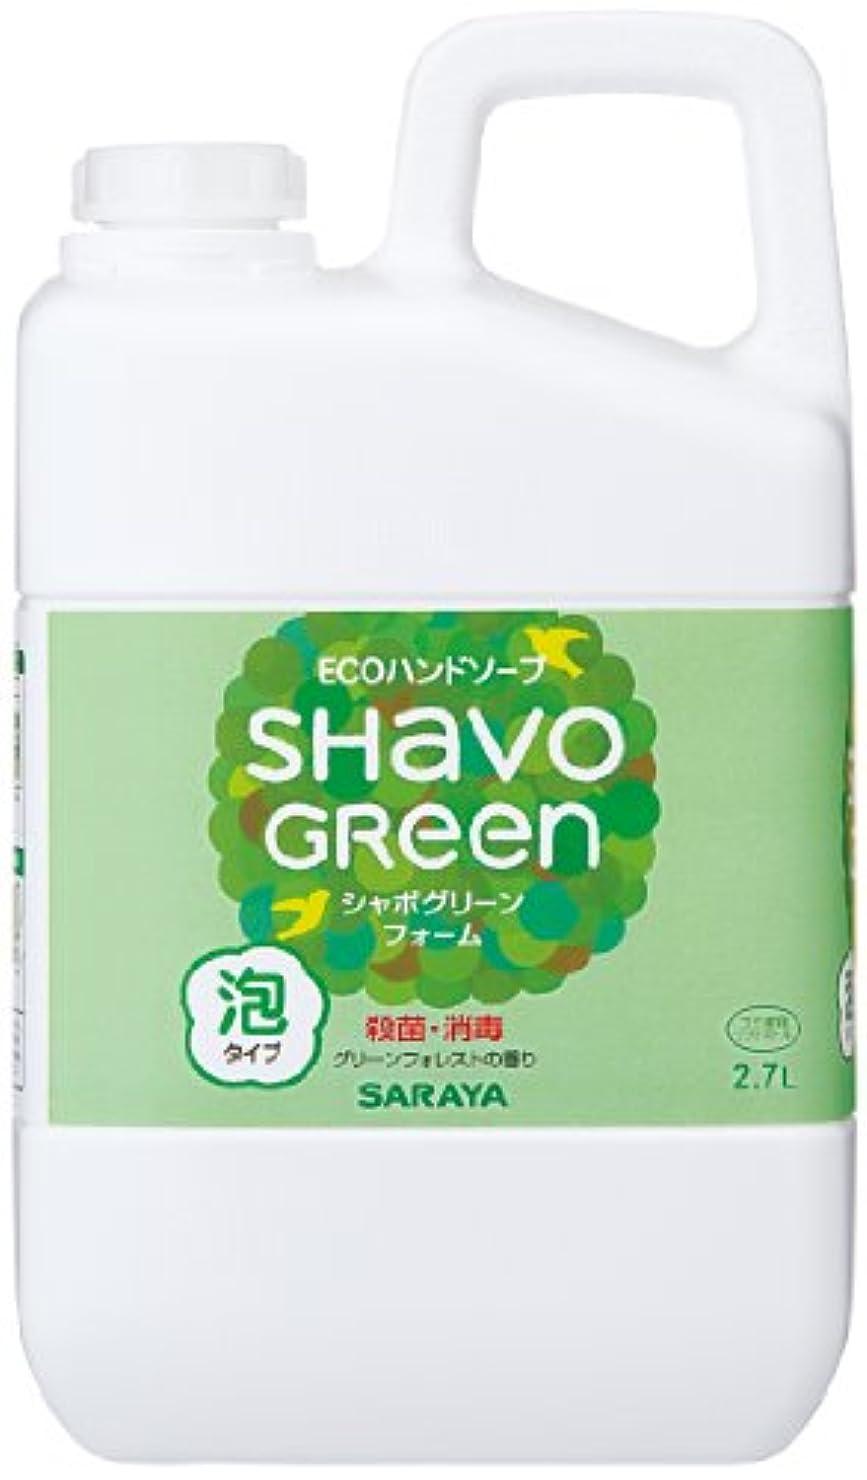 糞タヒチオリエントサラヤ シャボグリーン フォーム 詰替用 2.7L